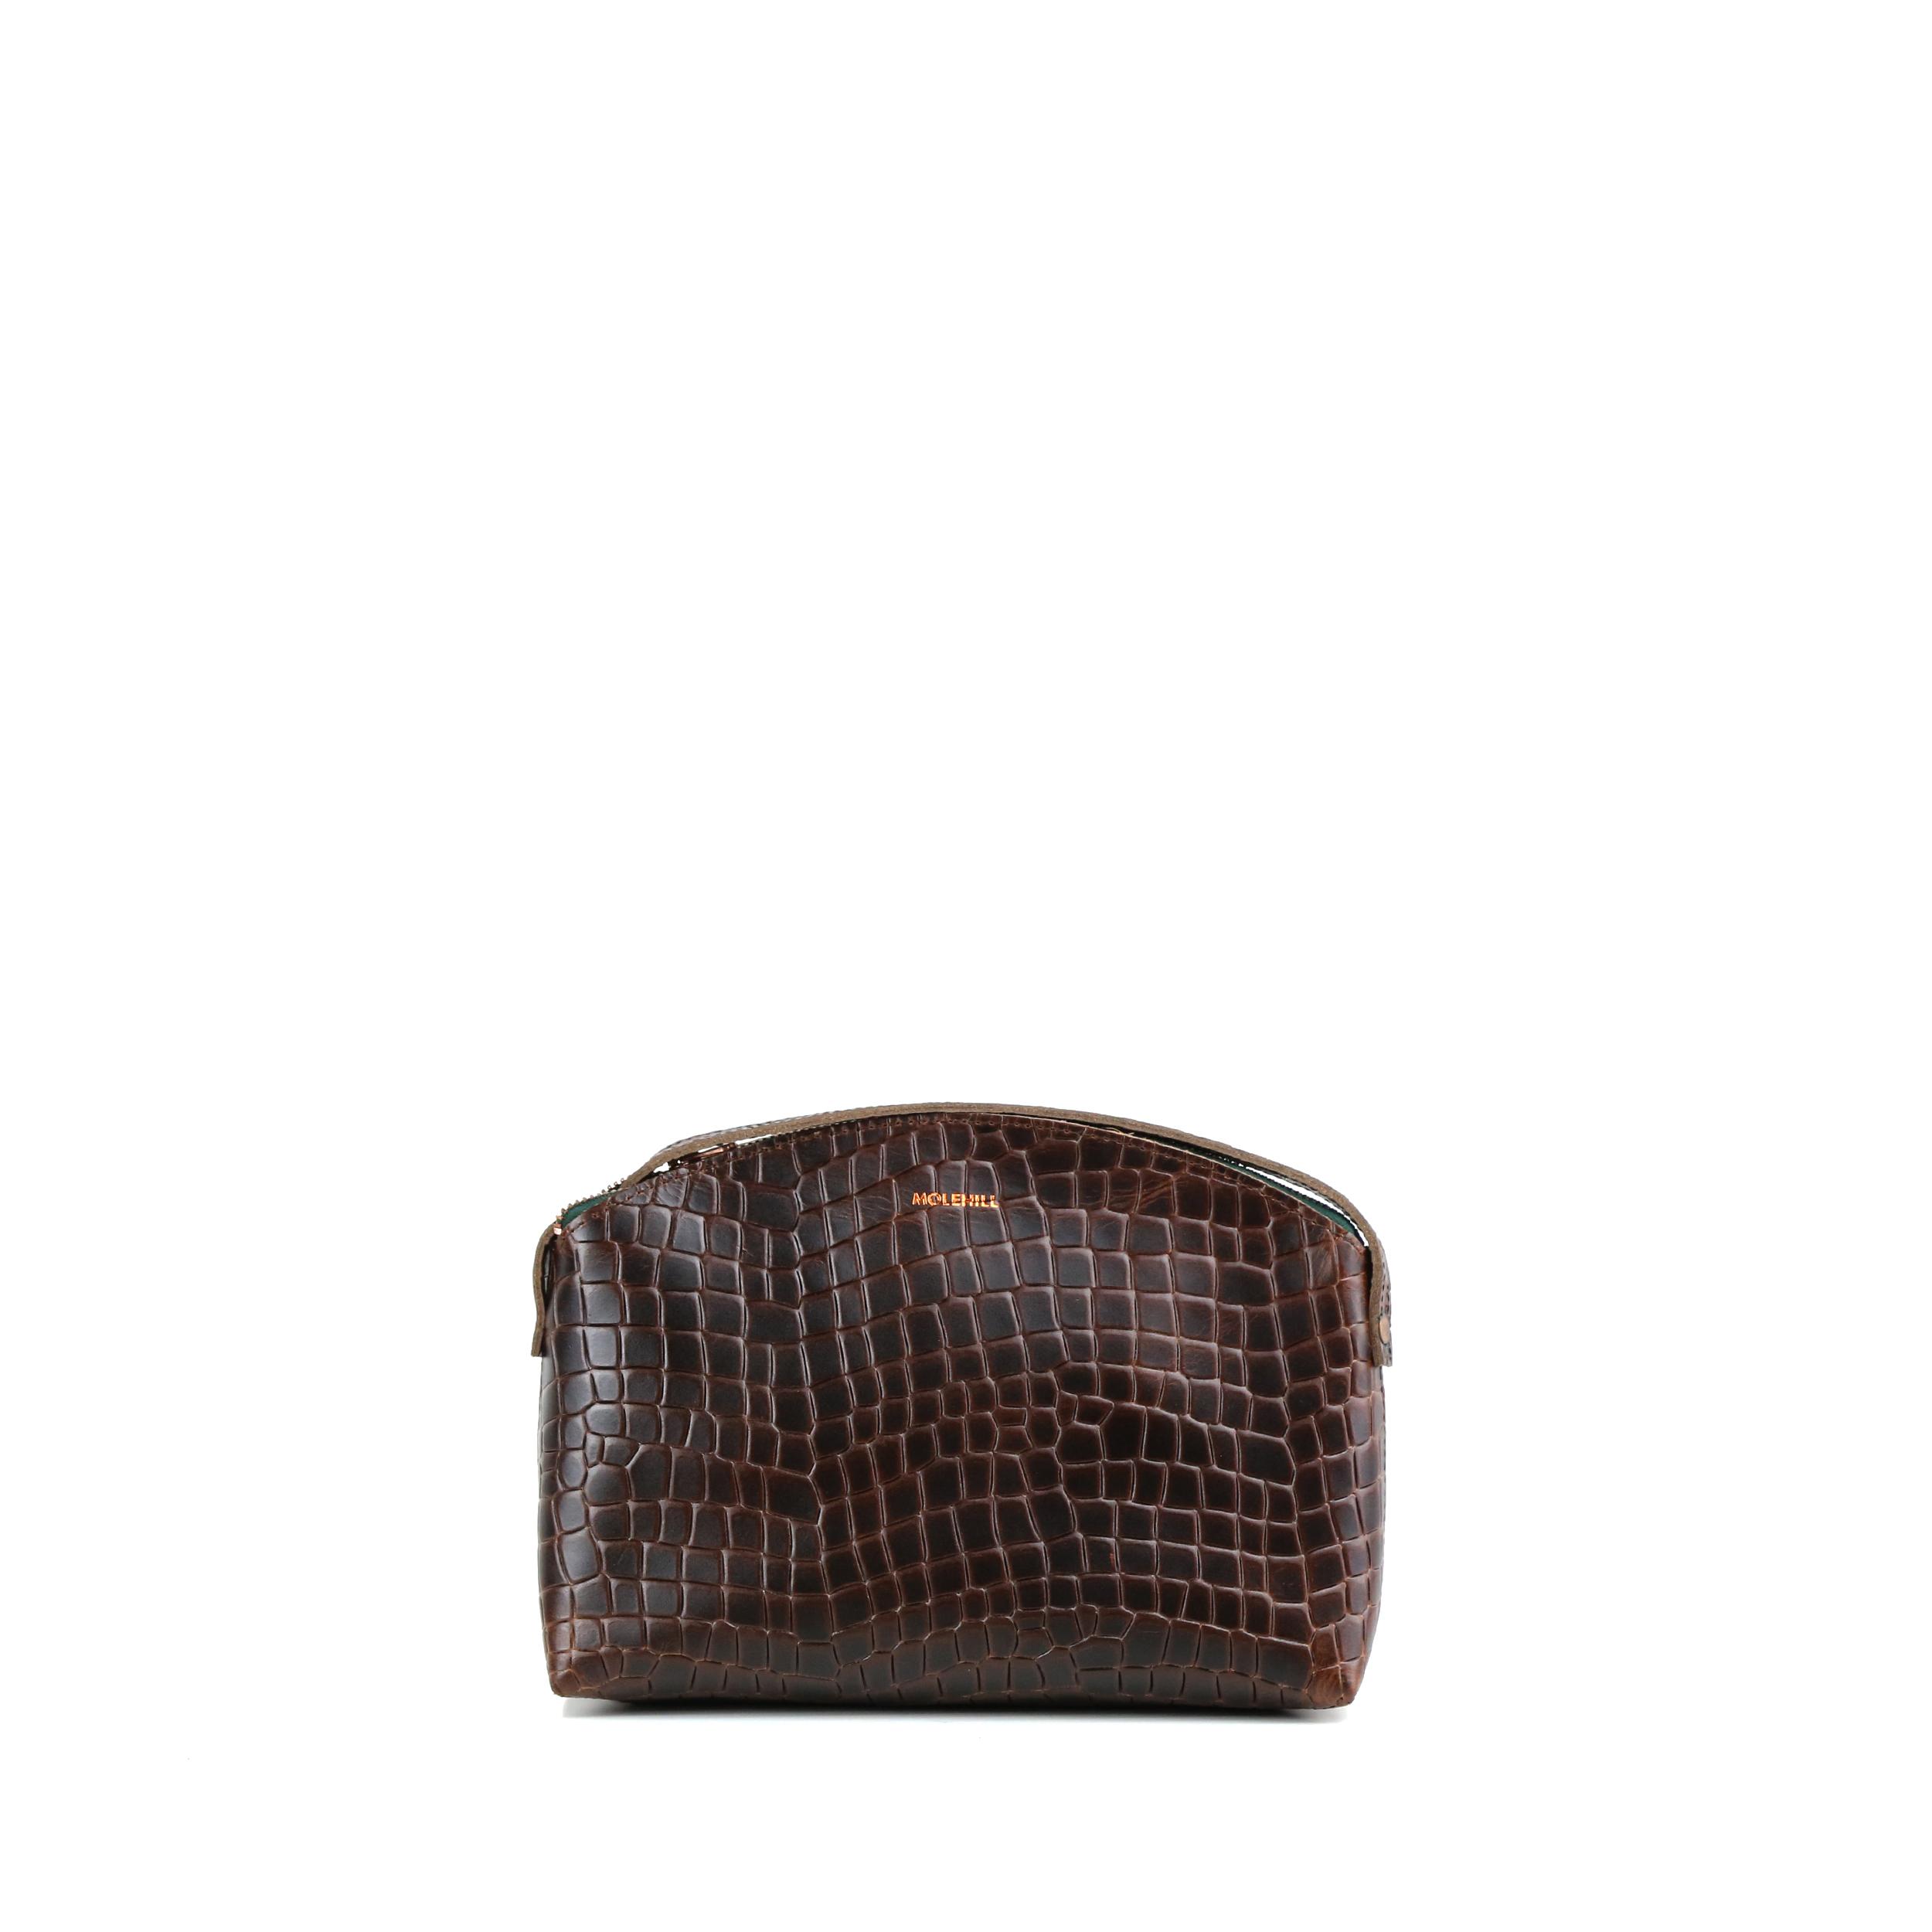 TIMI Crossbody Bag Croco Sample Sale No. 4 -1